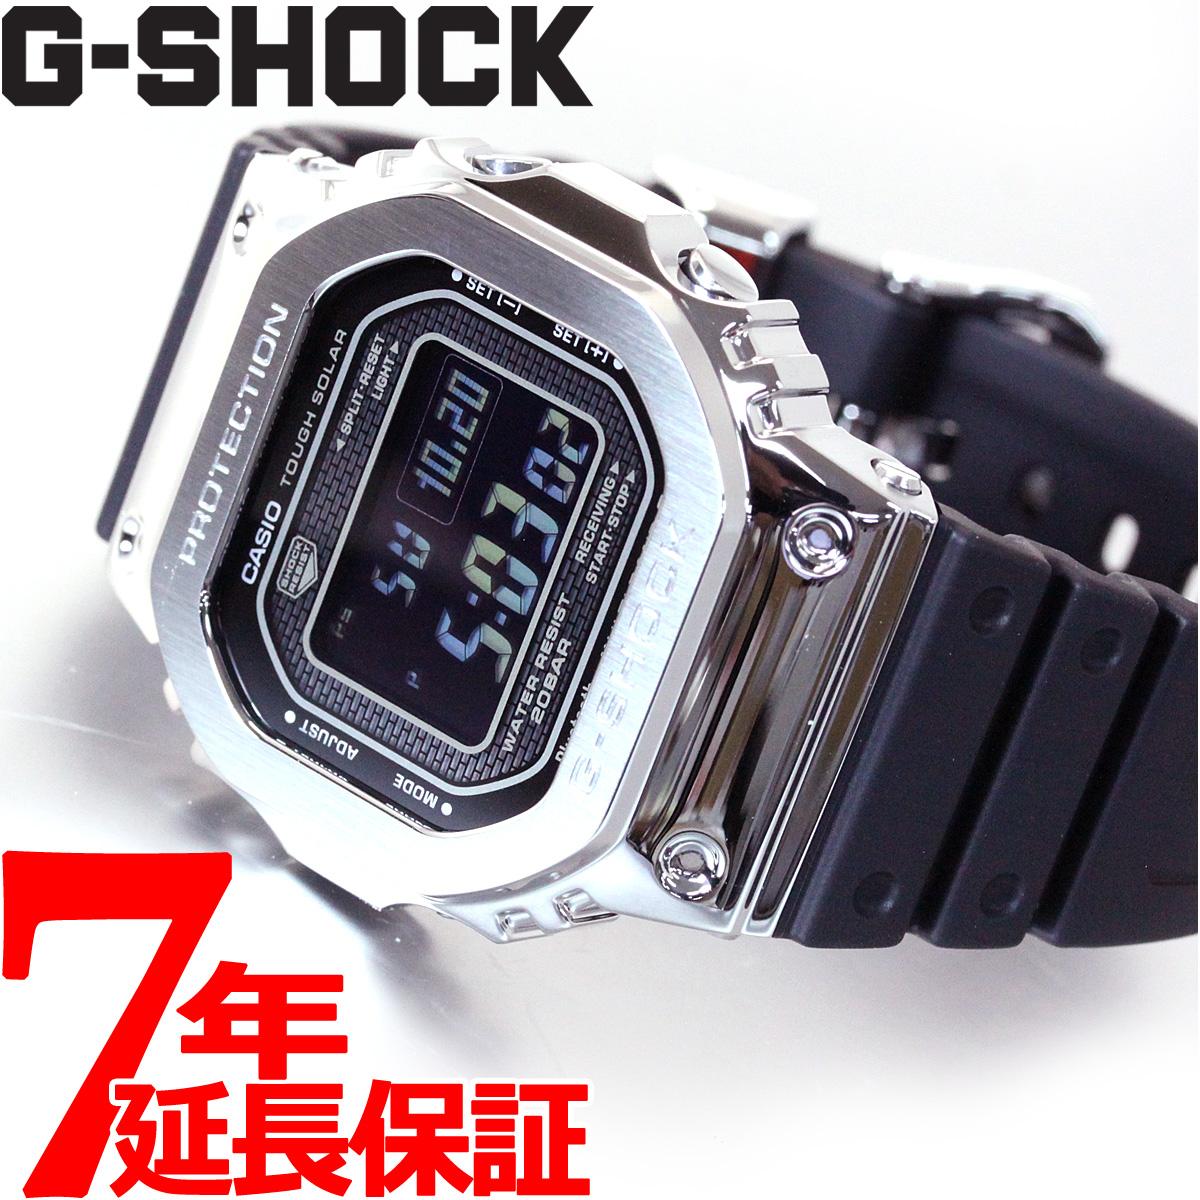 【今だけ!店内ポイント最大49倍!16日1時59分まで】カシオ Gショック CASIO G-SHOCK タフソーラー 電波時計 デジタル 腕時計 メンズ GMW-B5000-1JF【2018 新作】